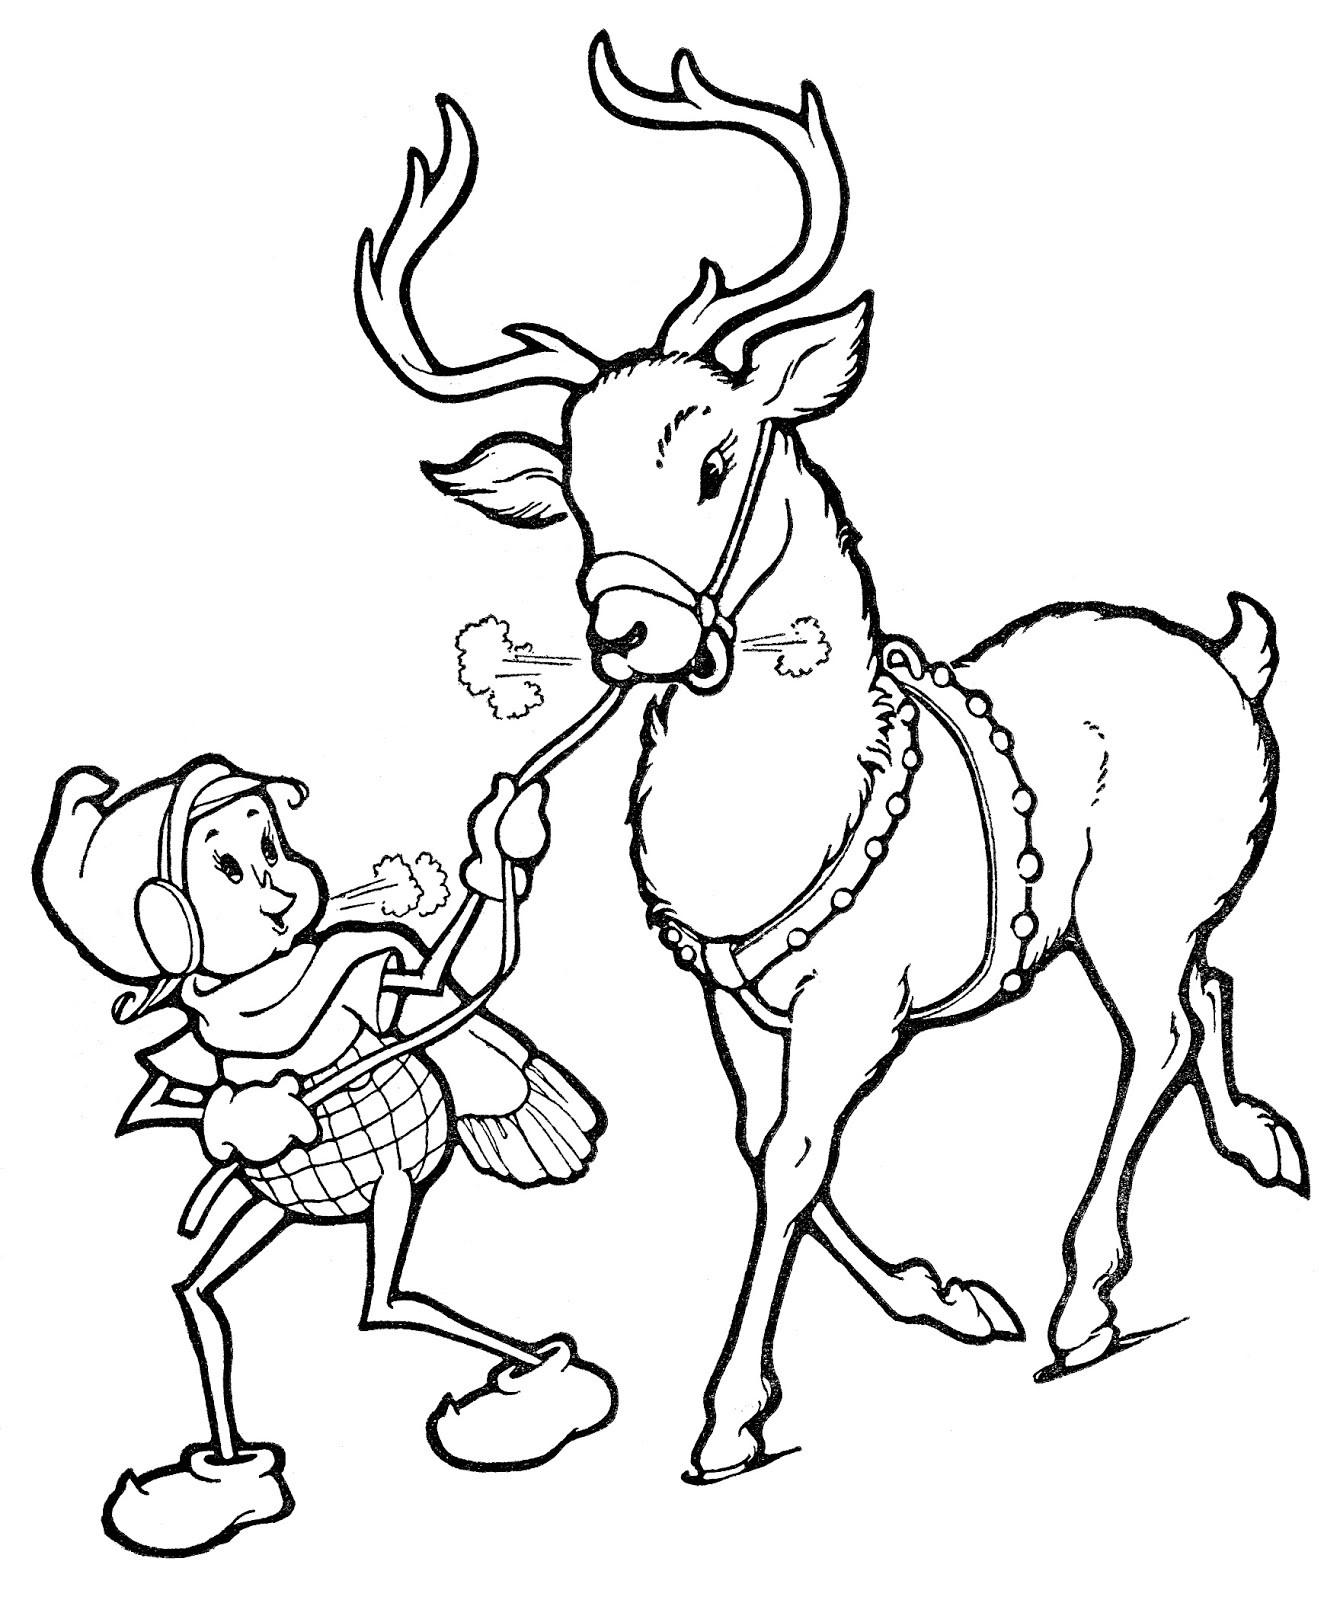 Drawn reindeer coloring book Me Printable Coloring Pages Reindeer